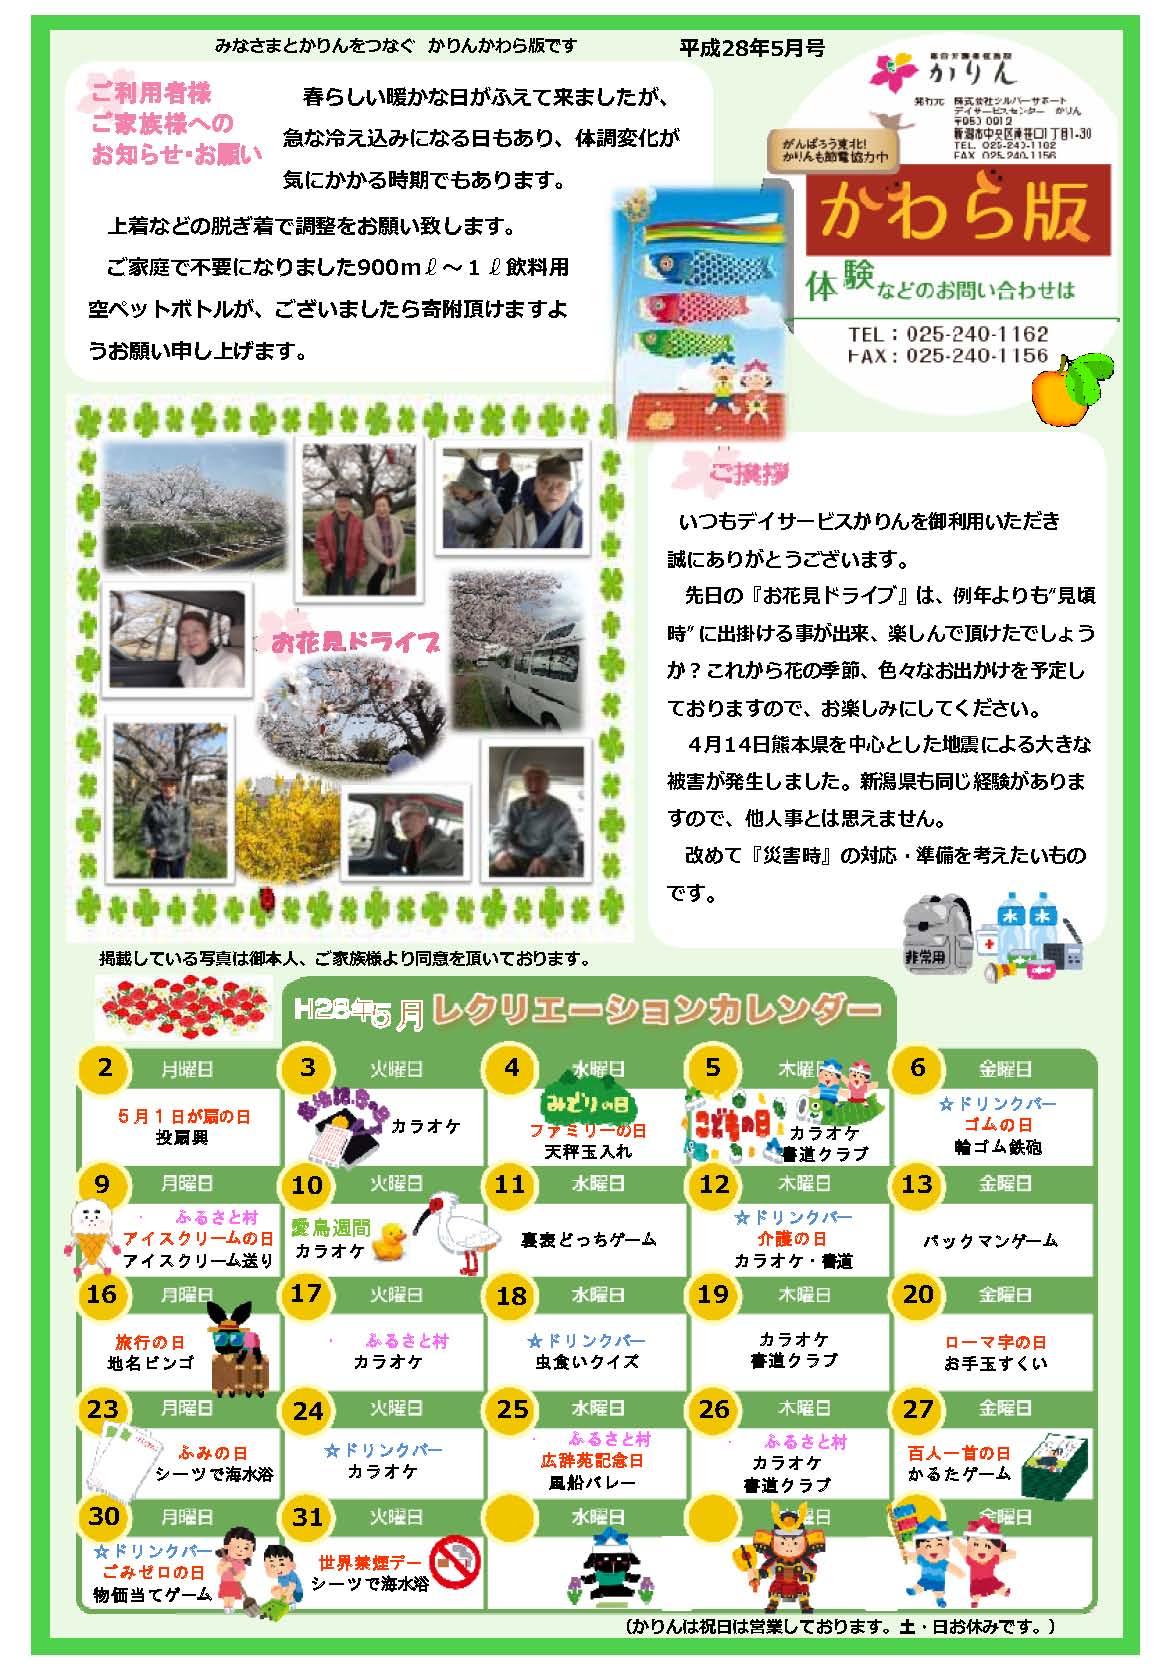 201505月かわら版「5月だ!!暖かい!!出かけよう!! 」表